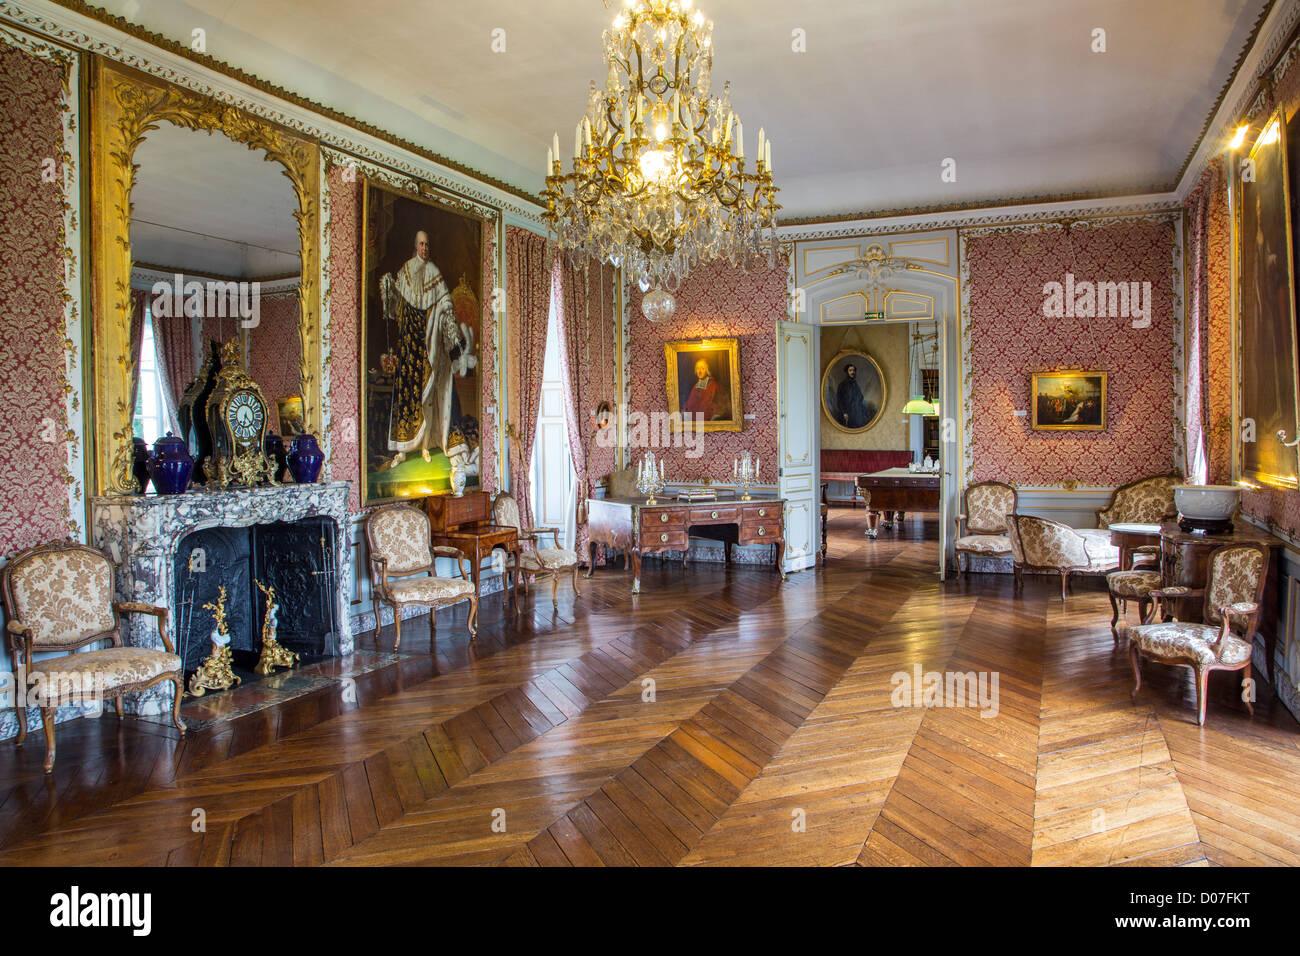 The great salon chateau de maintenon eure et loir 28 france stock photo royalty free image - Chateau de menetou salon visites ...